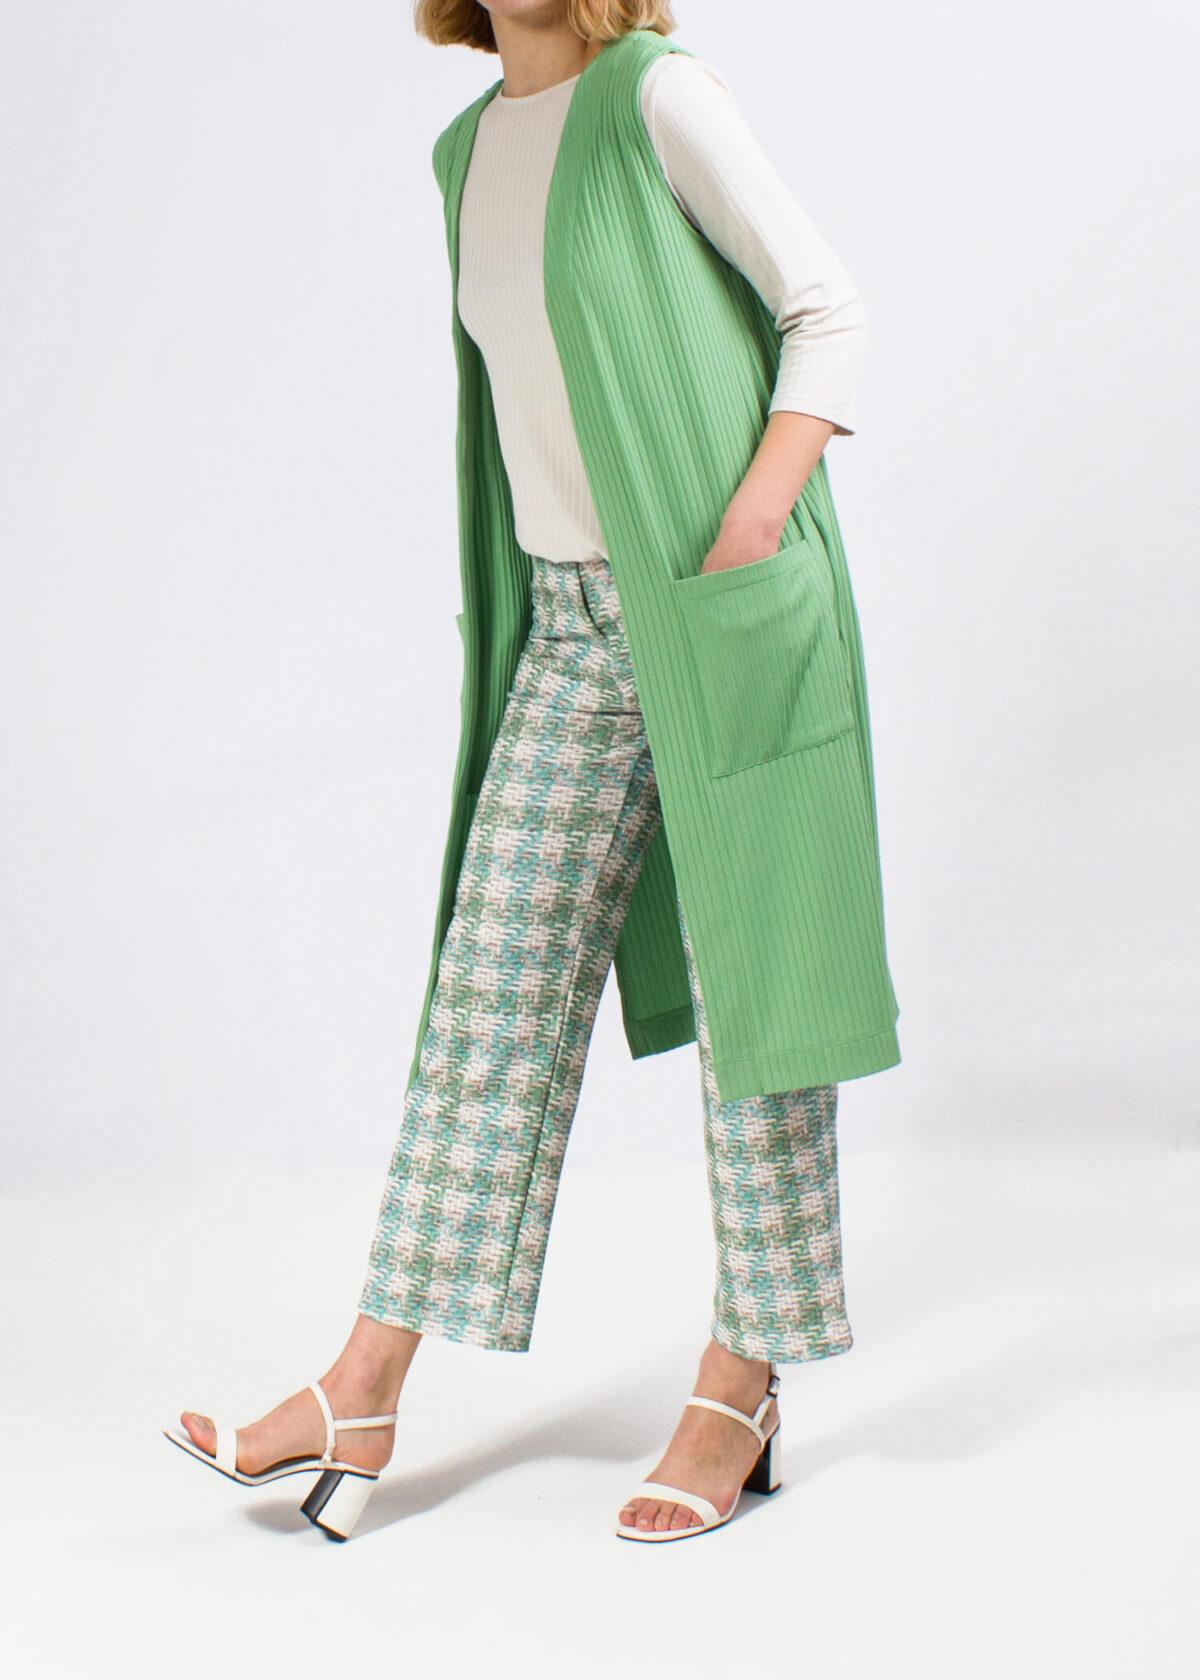 pantalon-mujer-recto-tobillero-goma-cintura-parole-italy-lopezientos